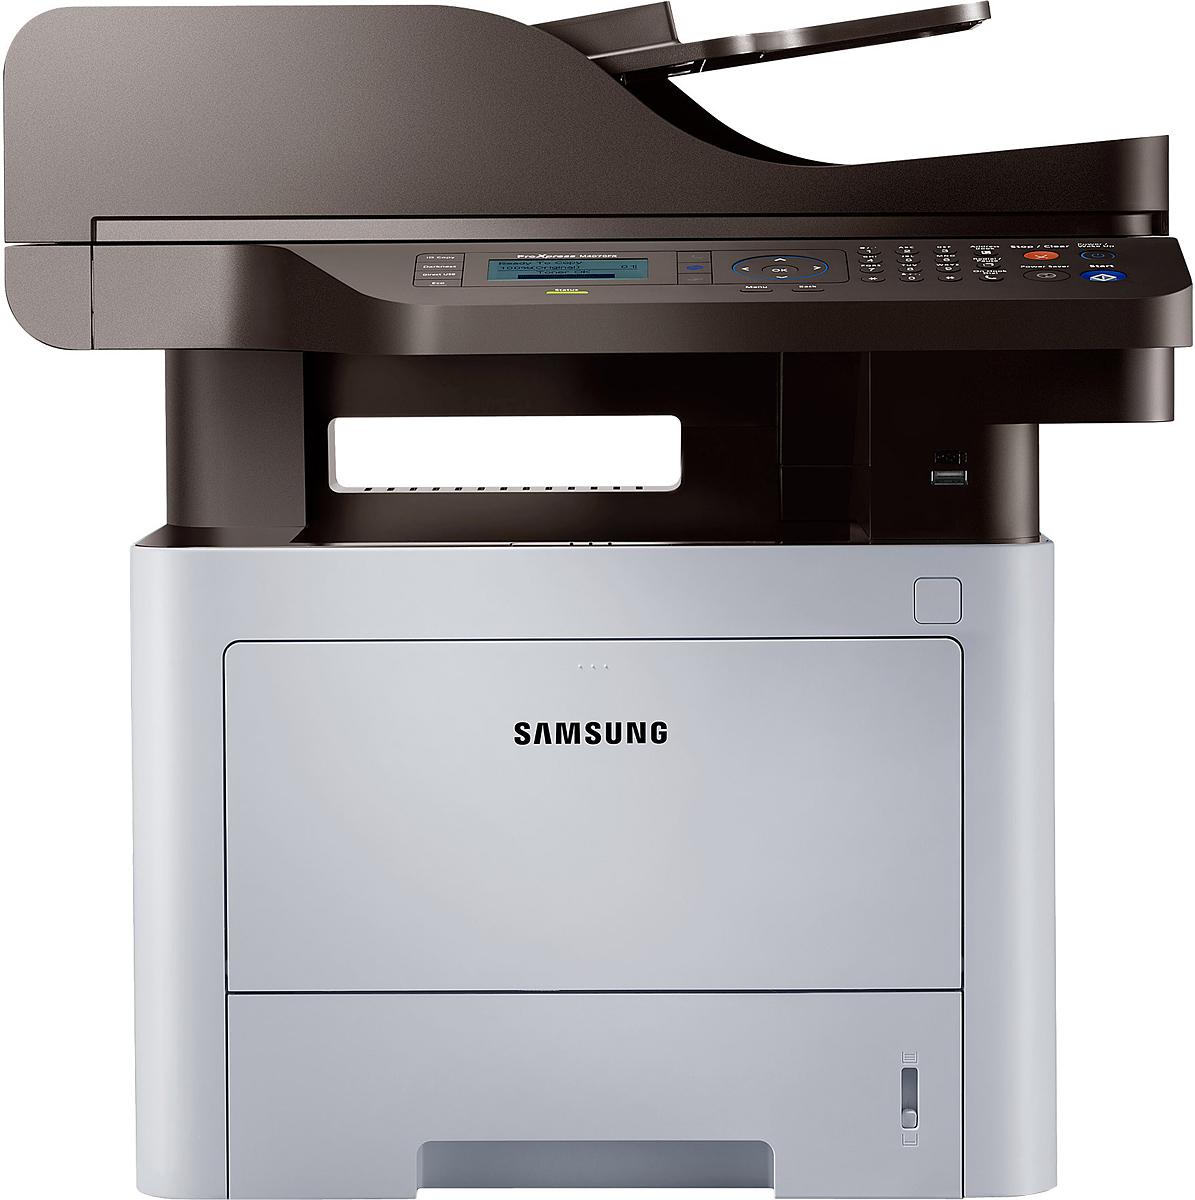 Samsung ProXpress SL-M4070FR МФУ1000453503Стабильно высокая производительность без роста затрат с новым МФУ Samsung ProXpress M4070FR.МФУ ProXpress M4070FR надежно, безопасно и удобно в использовании. Оно гарантирует стабильно высокое качество печати и позволяет сократить расходы компании.